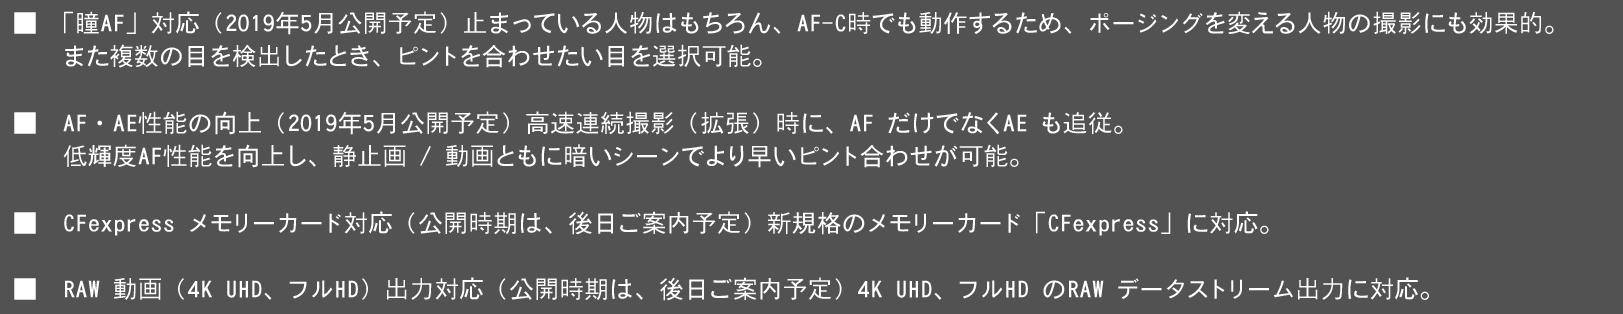 https://www.yaotomi.co.jp/blog/walk/Z_%E3%83%95%E3%82%A1%E3%83%BC%E3%83%A0%E3%82%A2%E3%83%83%E3%83%97.jpg